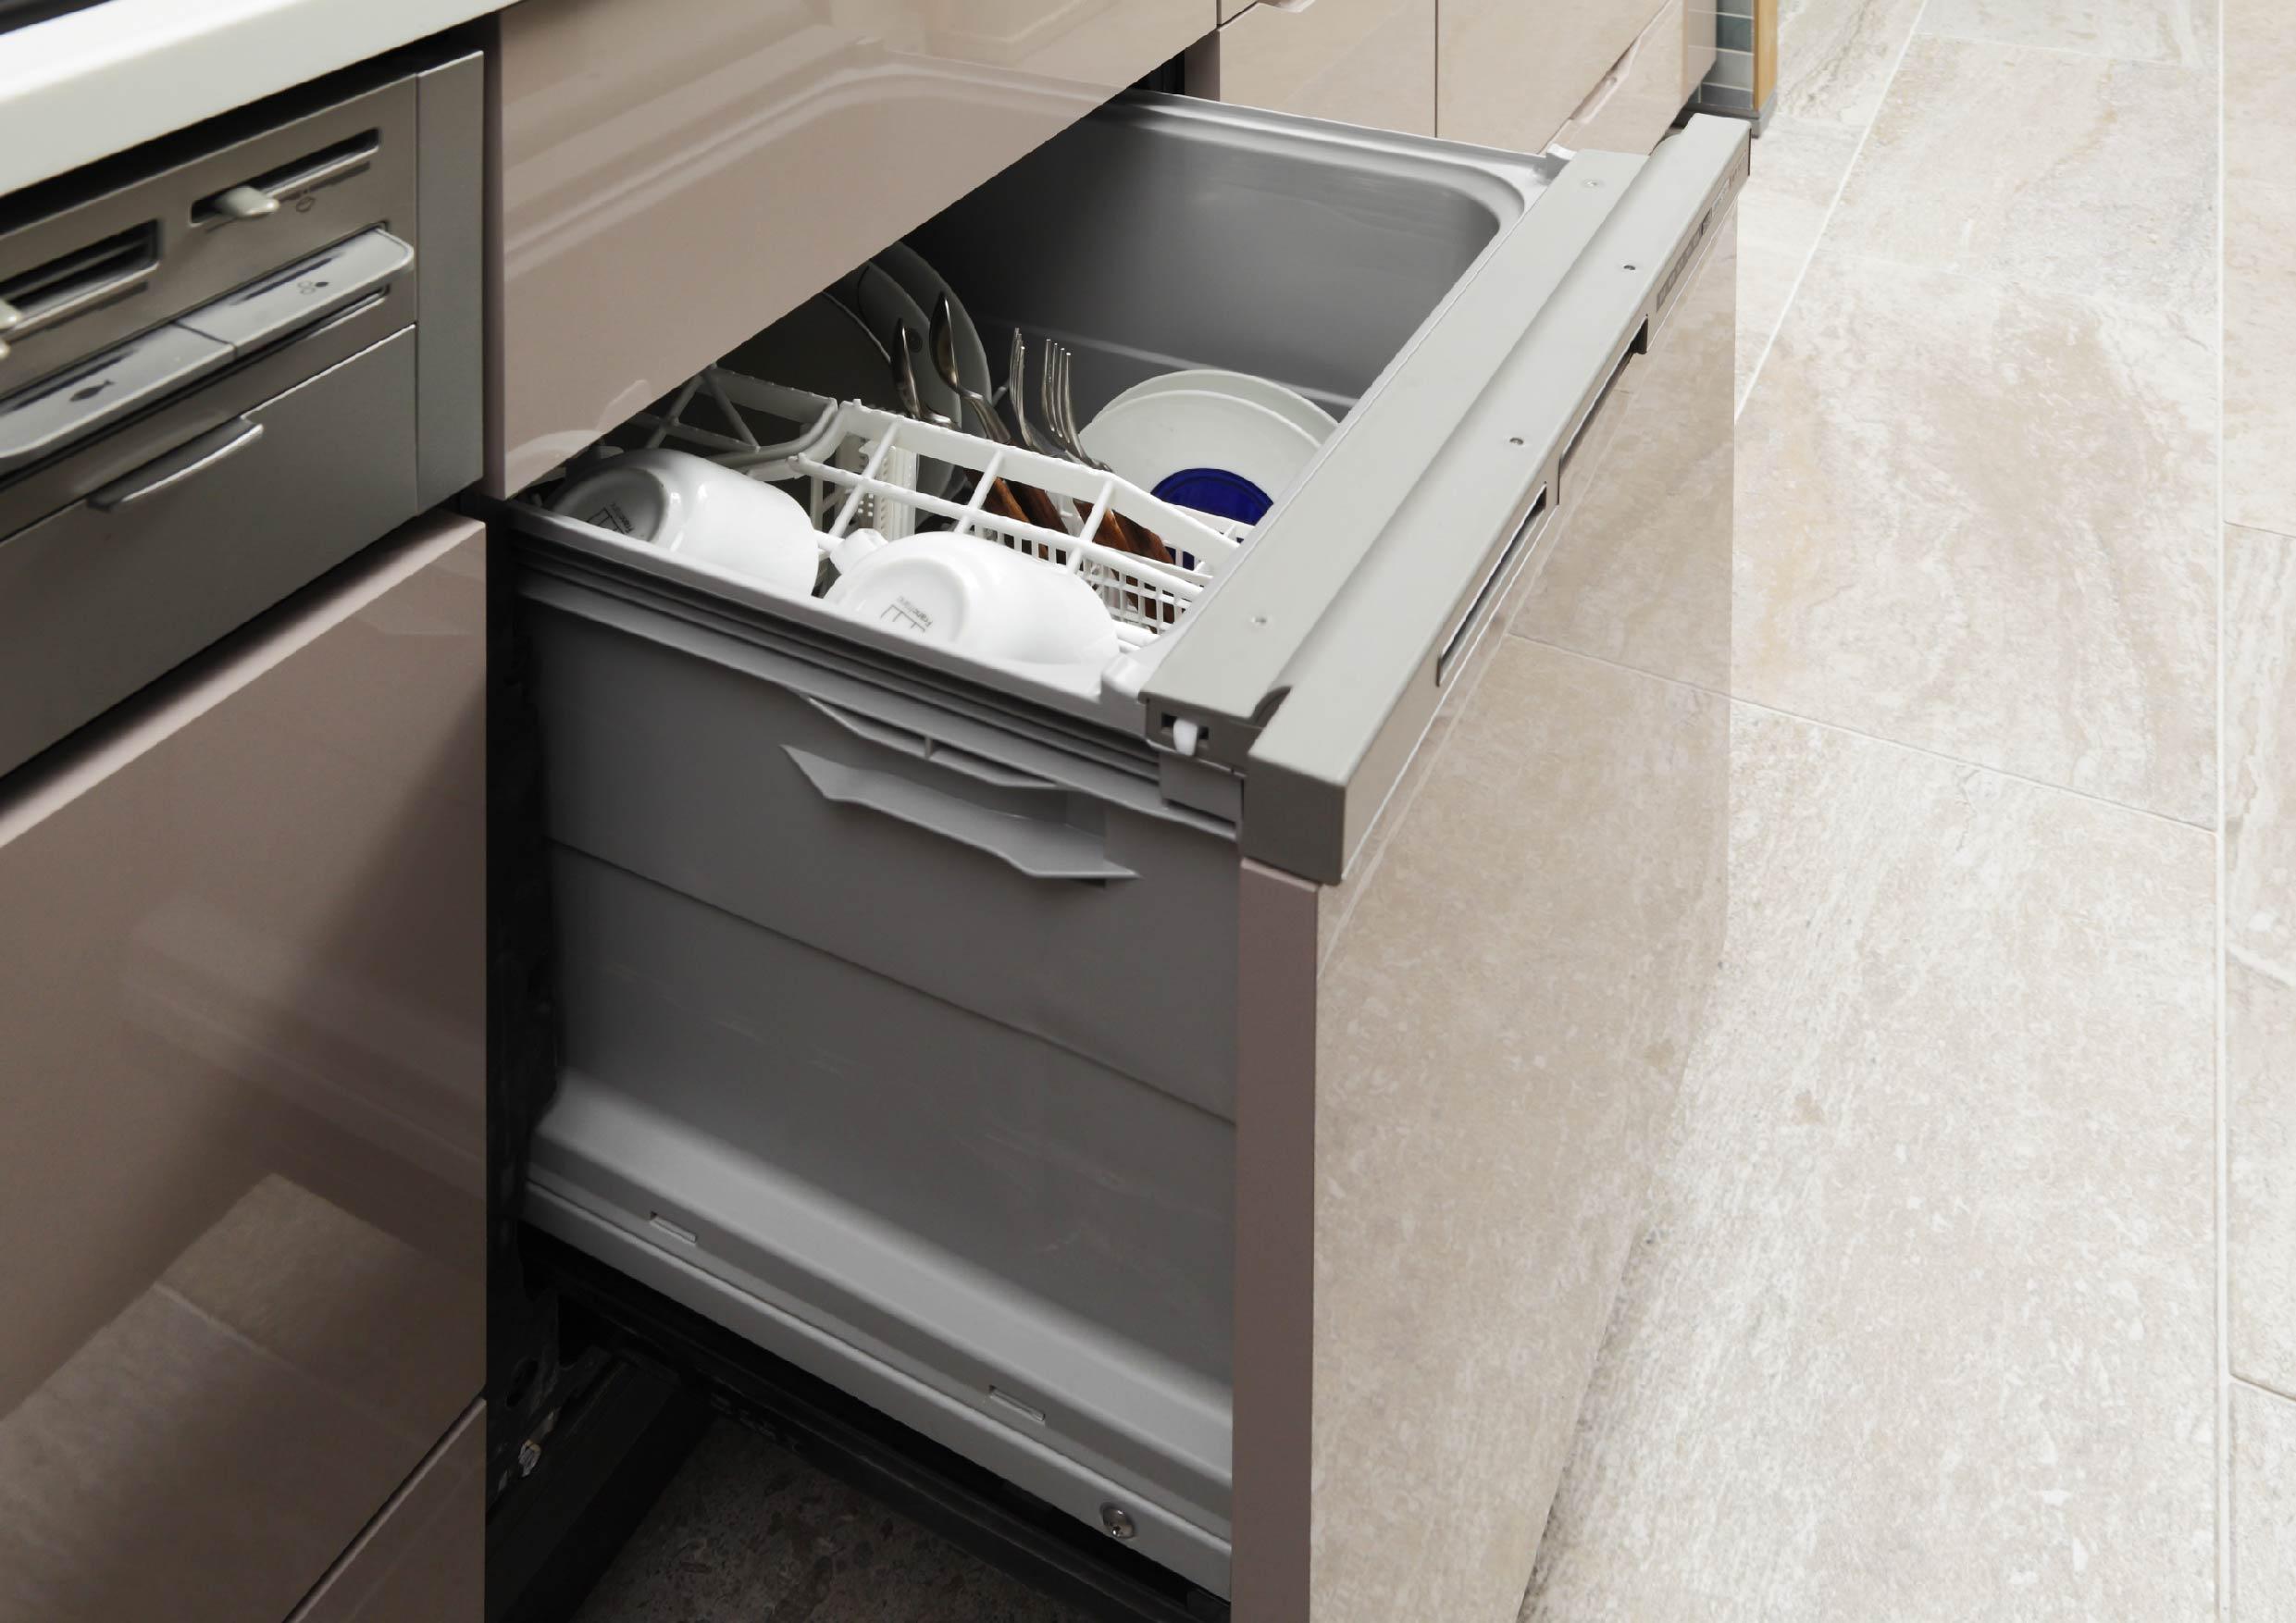 キッチンにはビルトインタイプの食器洗い乾燥機を装備。多くの食器をパワフルに洗浄・乾燥し、家事をサポートします。(イメージ画像) イメージ